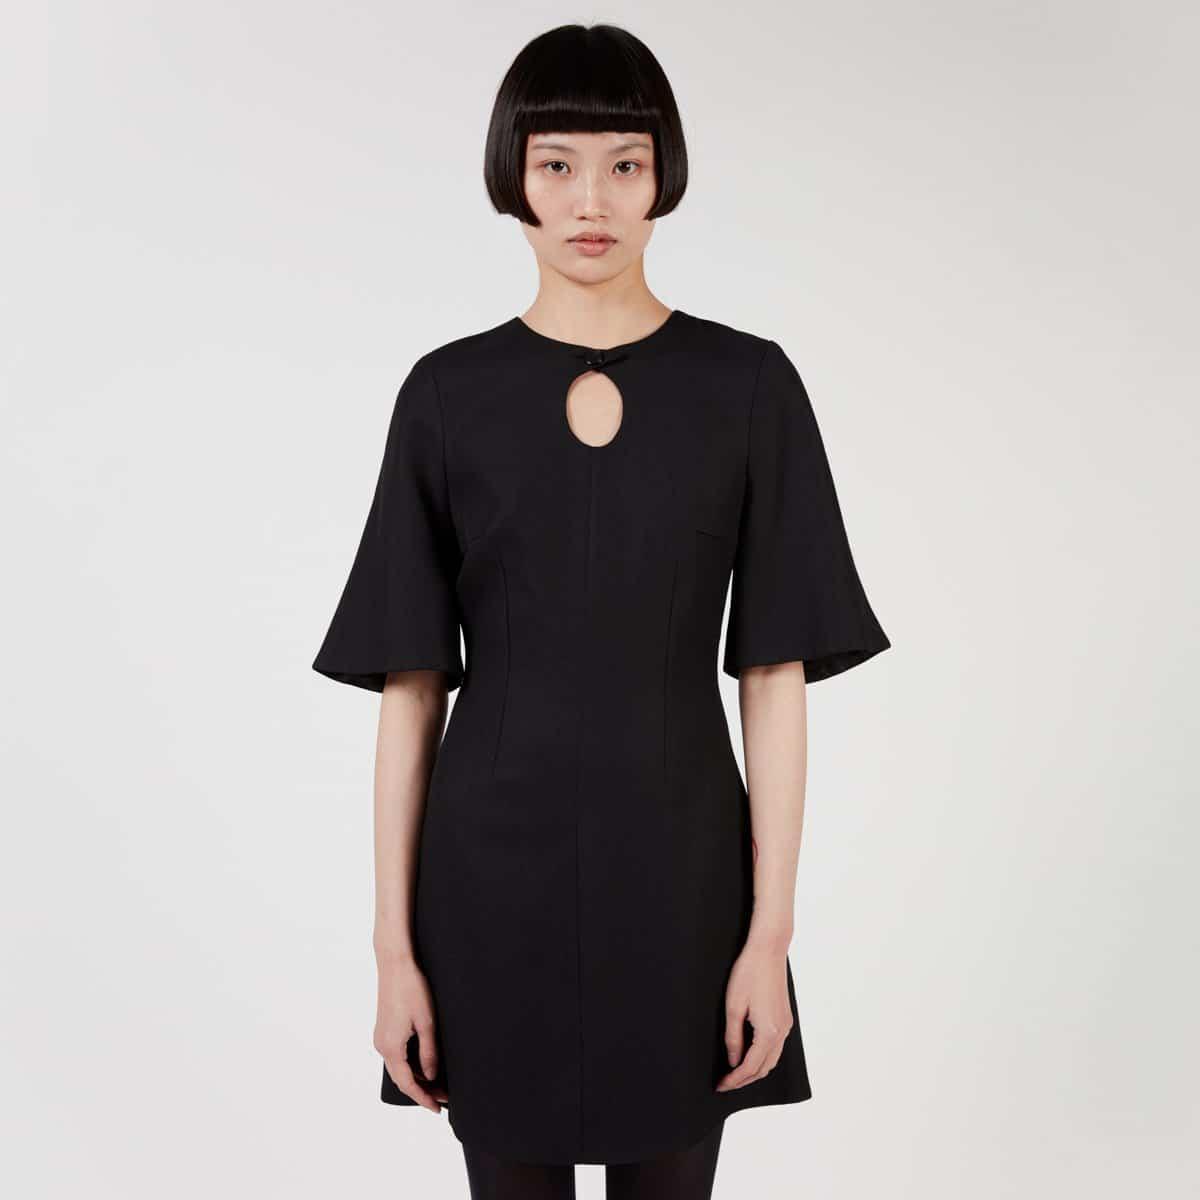 J.Kim Mini Dress